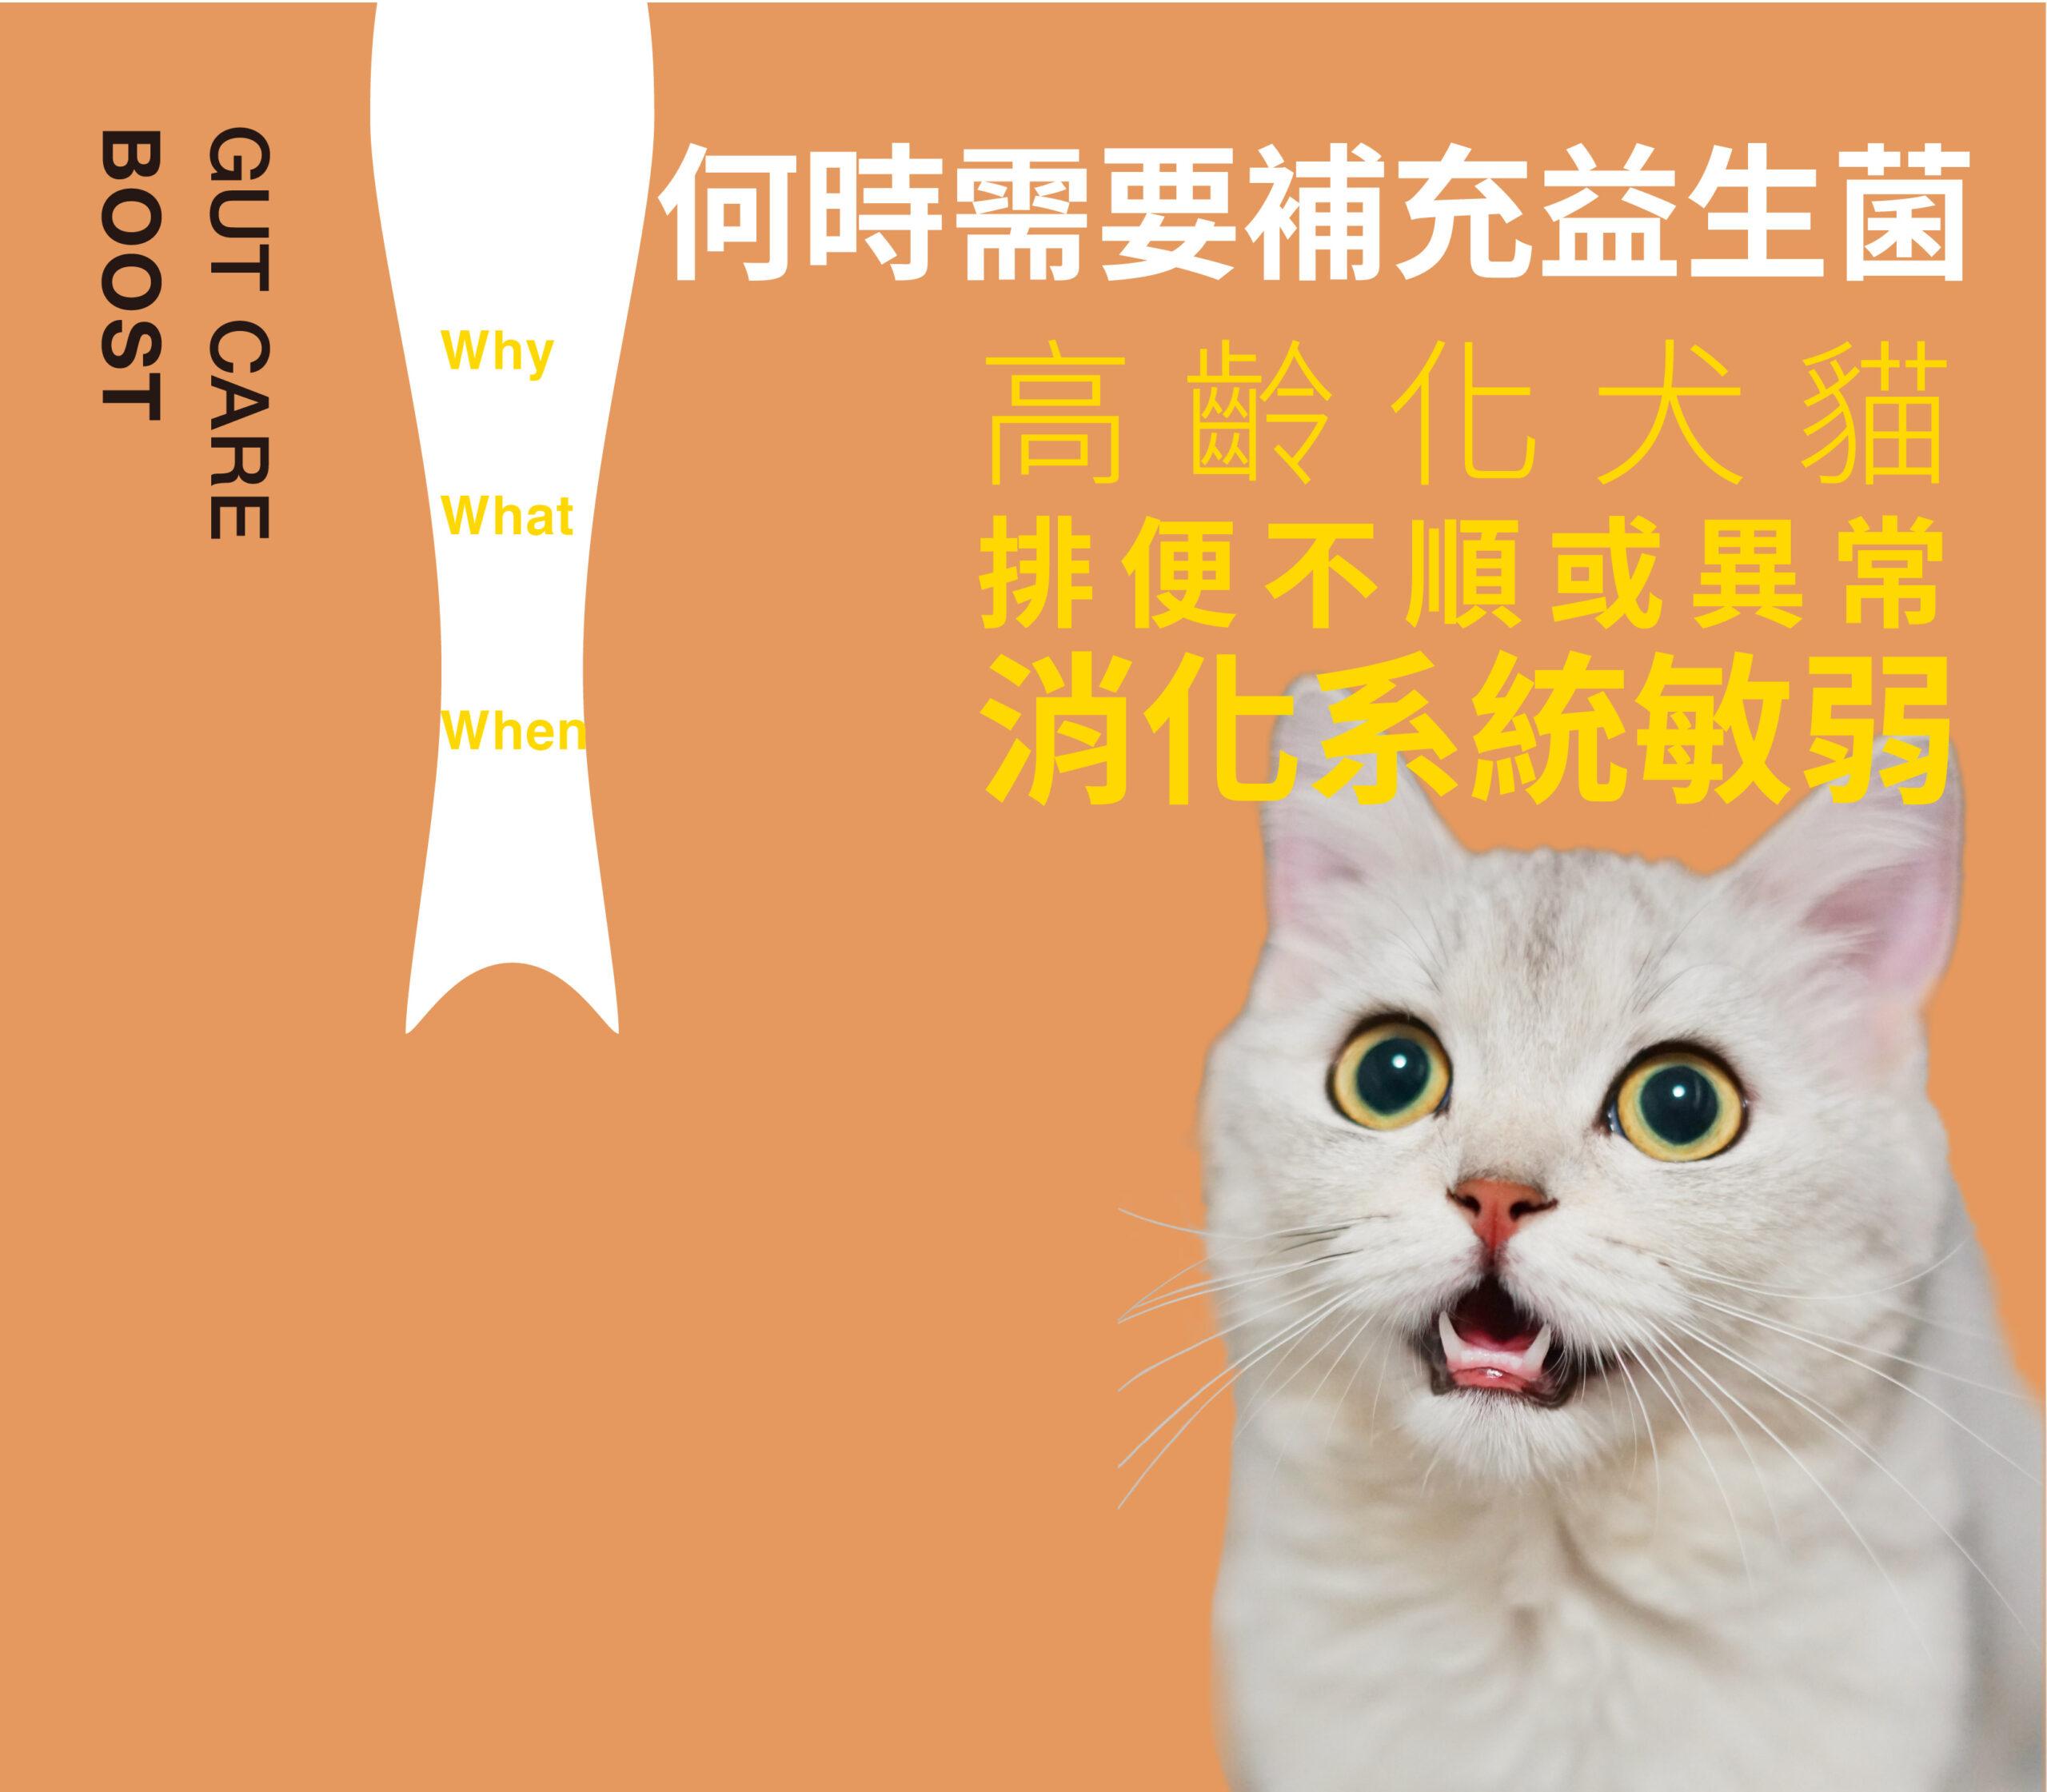 高齡貓、排便不順、消化系統敏弱、MONSTERBOOST